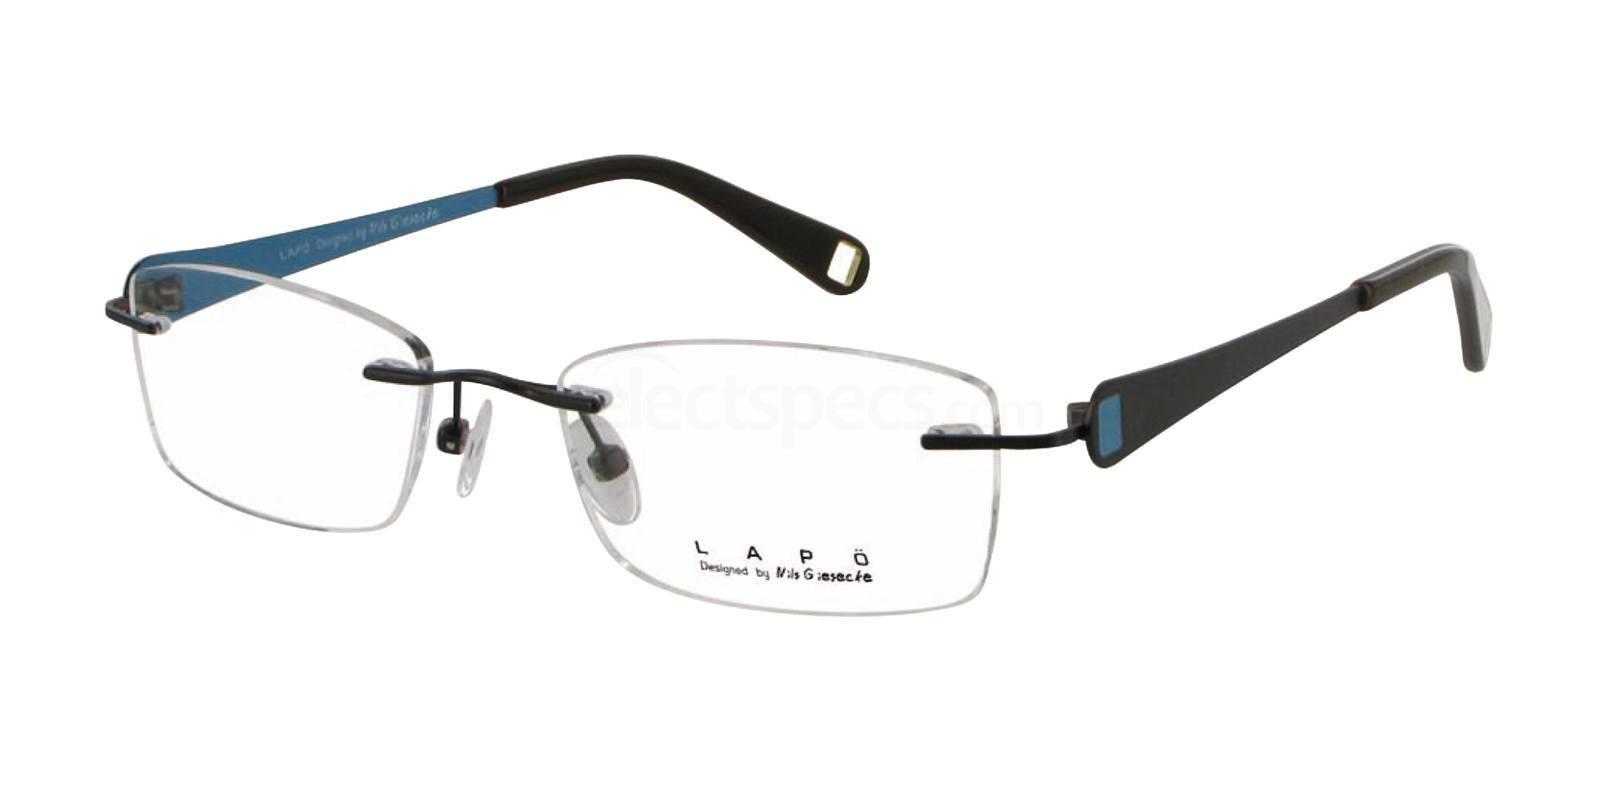 C16 LAMM112 Glasses, Lapö